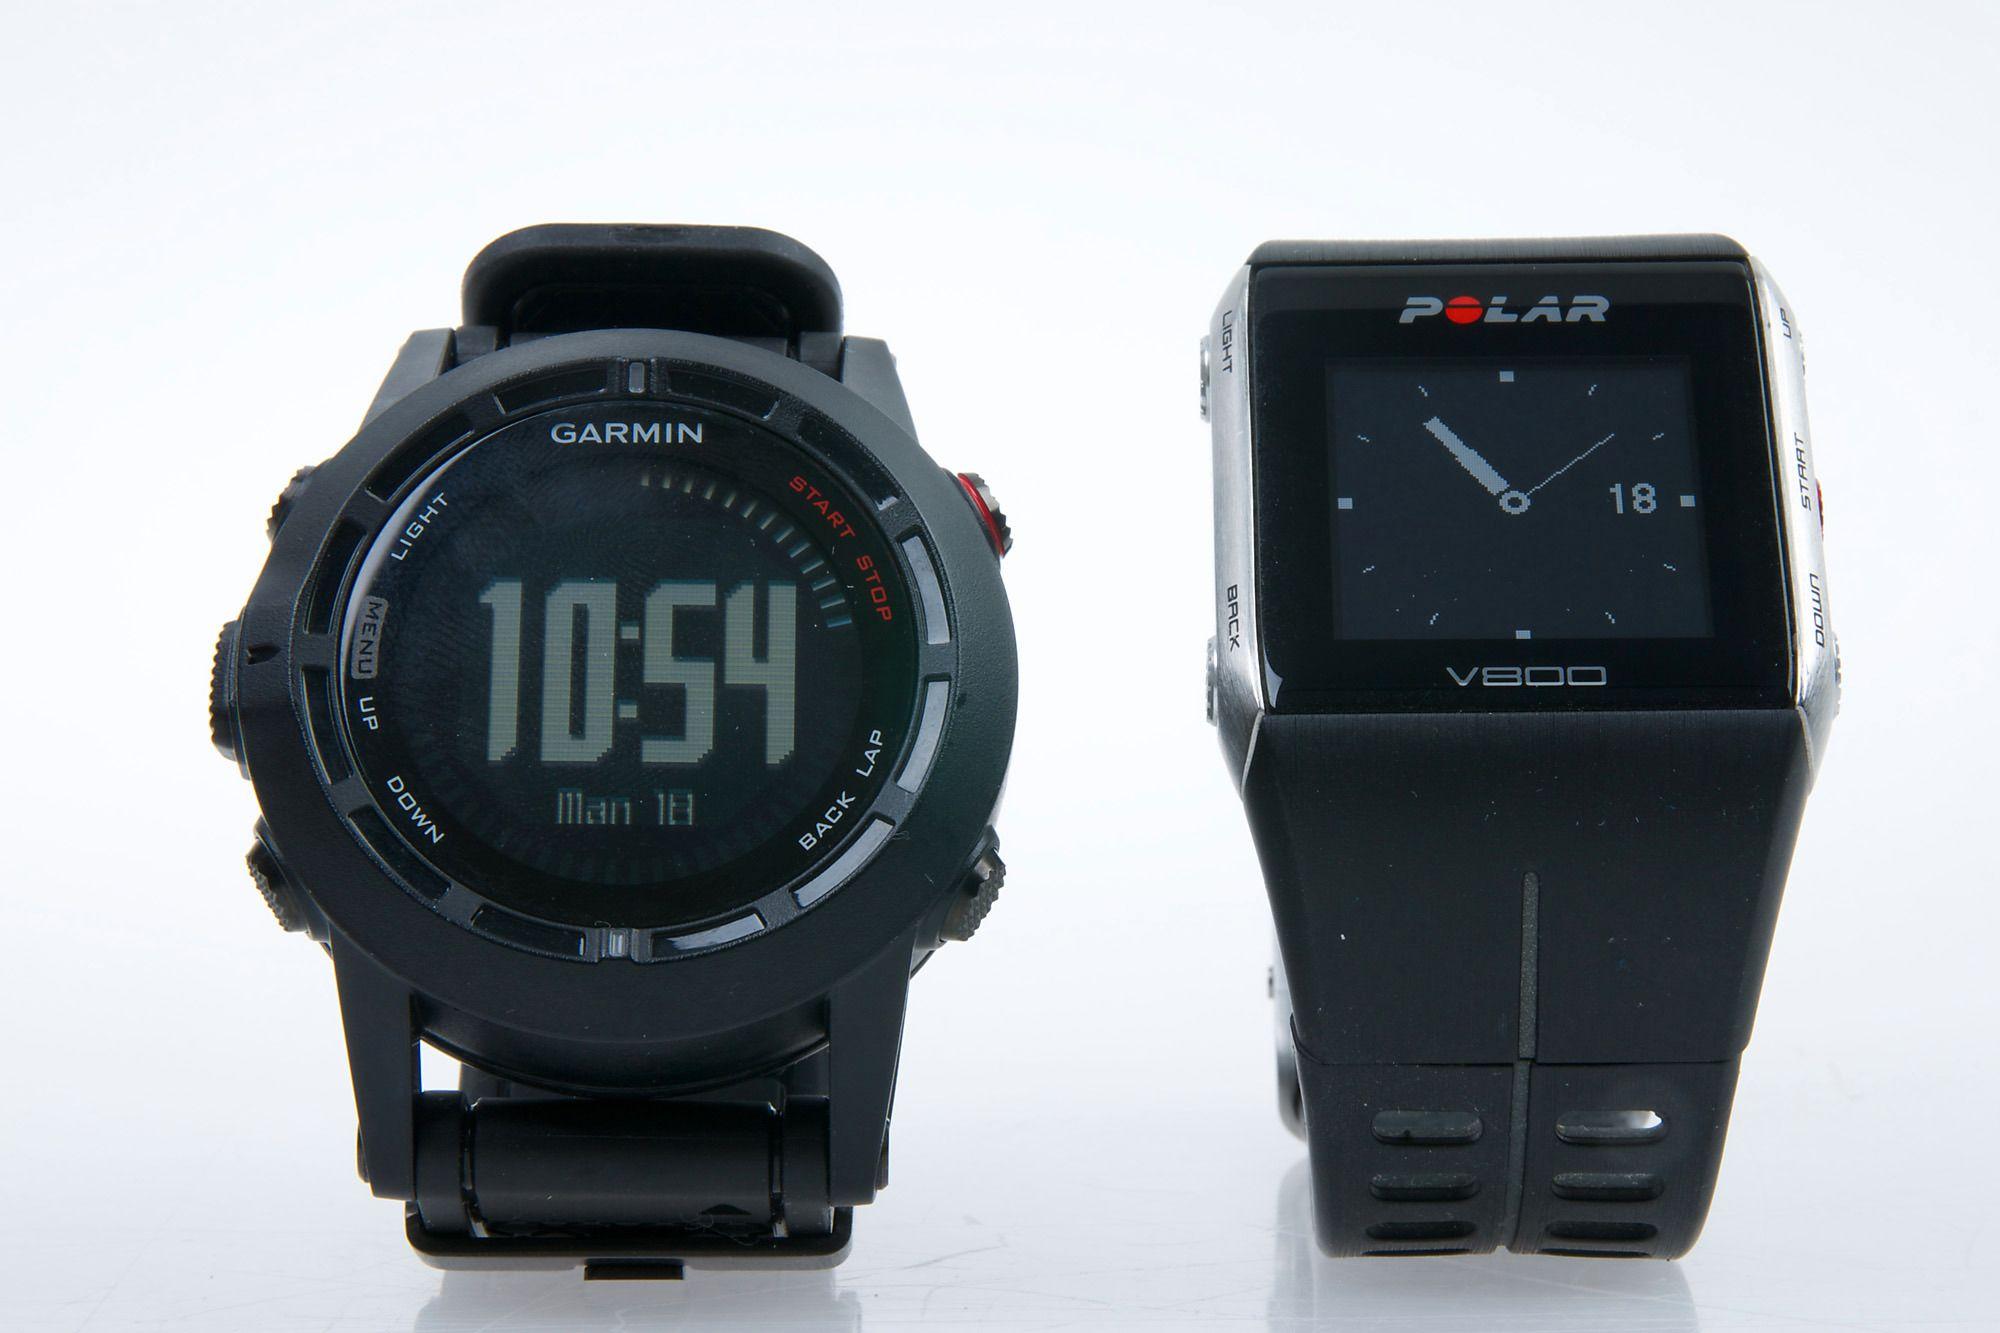 Garmin Fenix 2 har noen flere funksjoner enn Polar V800 (til høyre), men V800 er enklere å bruke og har bedre og mer lettleste informasjonsskjermer.Foto: Kurt Lekanger, Tek.no